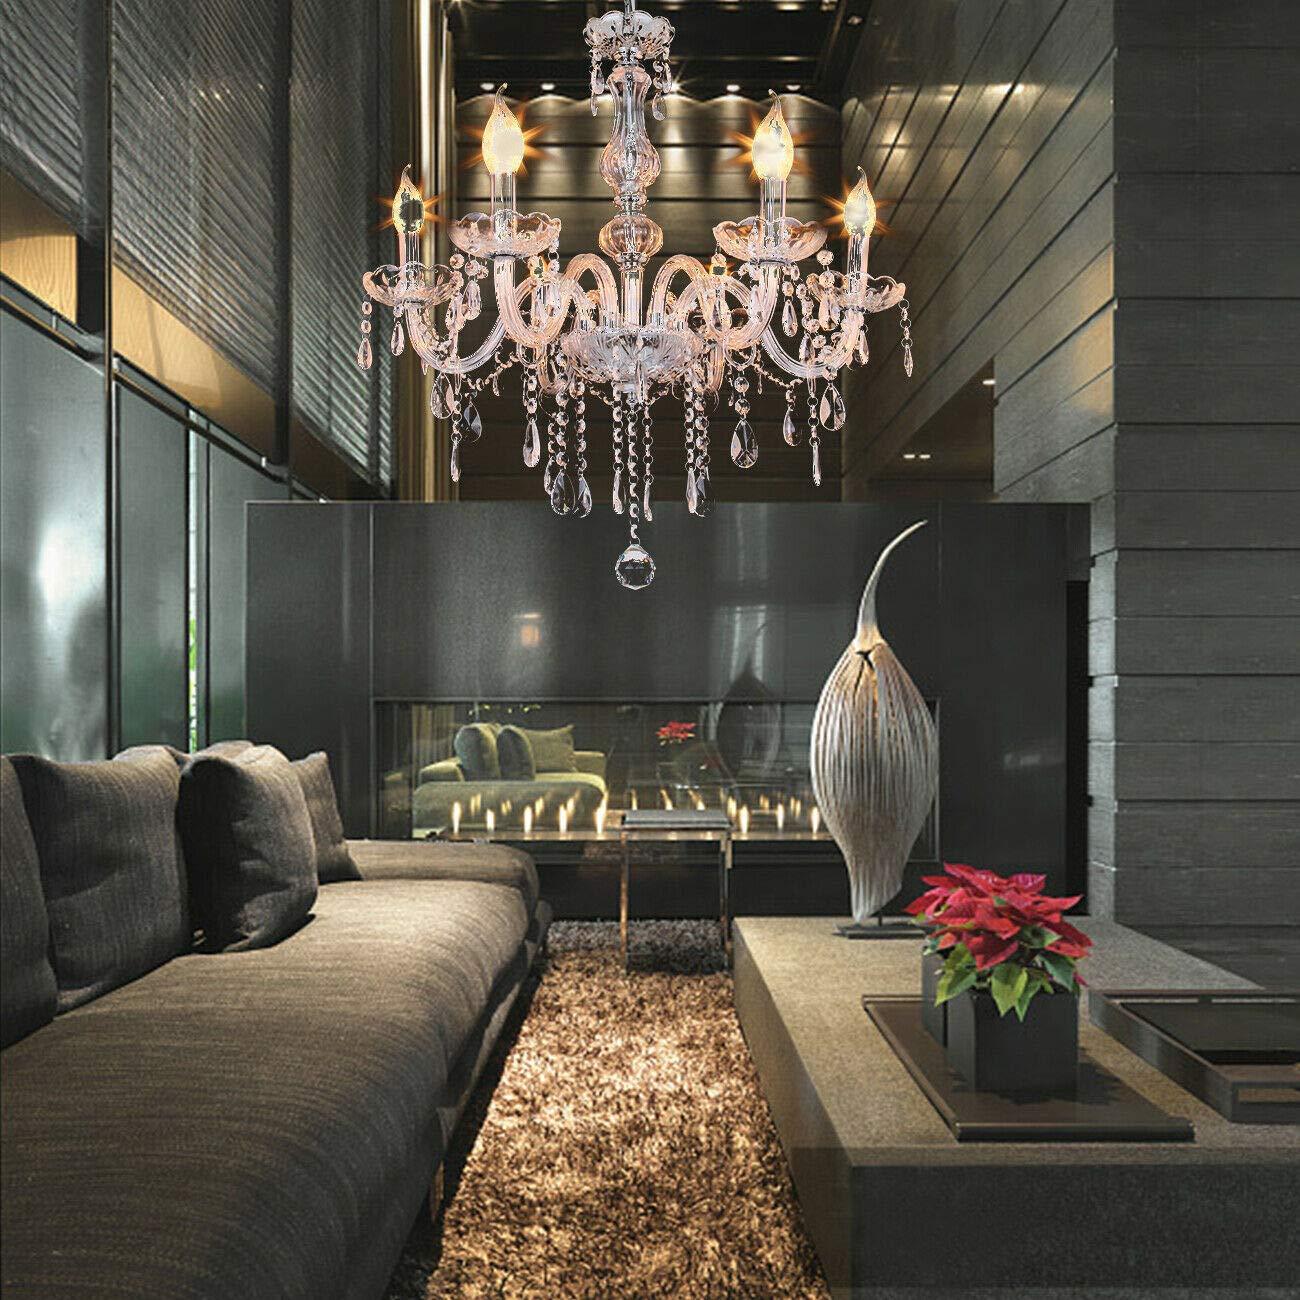 Honhill 6 braço lustre de cristal k9 luz teto vidro e14 corredor varanda lâmpada para sala estar quarto corredor entrada 220 v